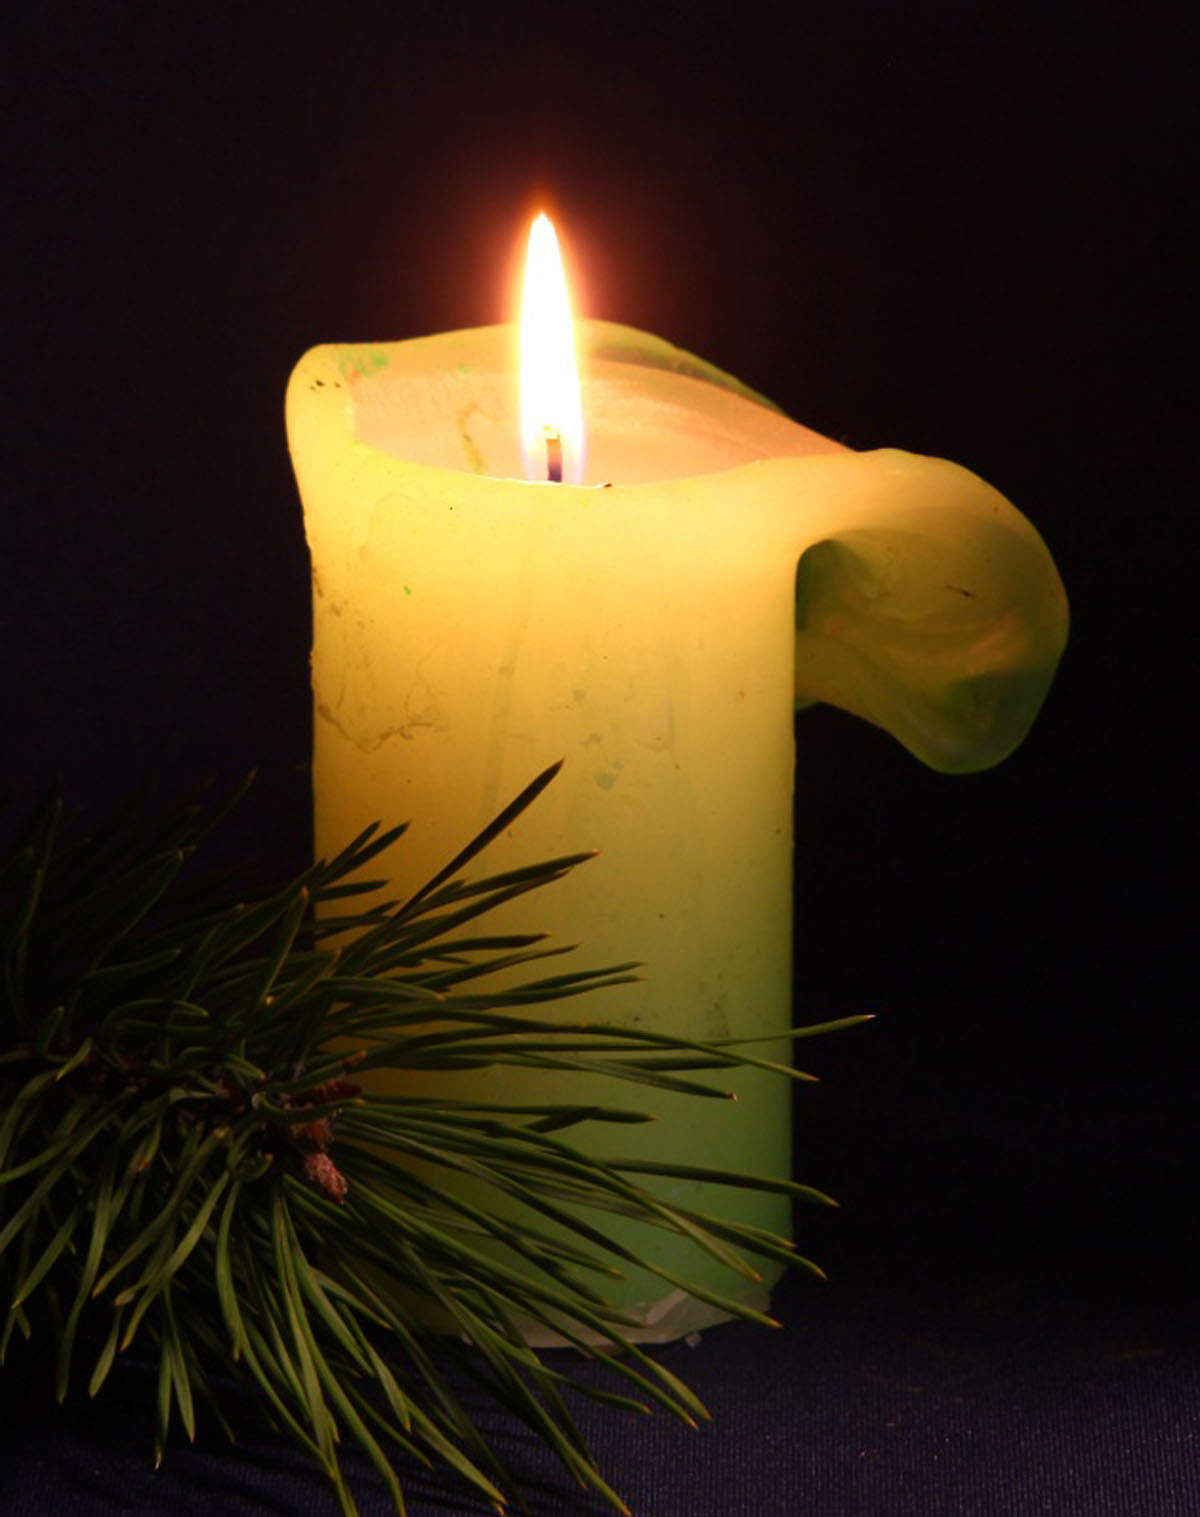 хотелось вам картинки с траурными свечами пуск